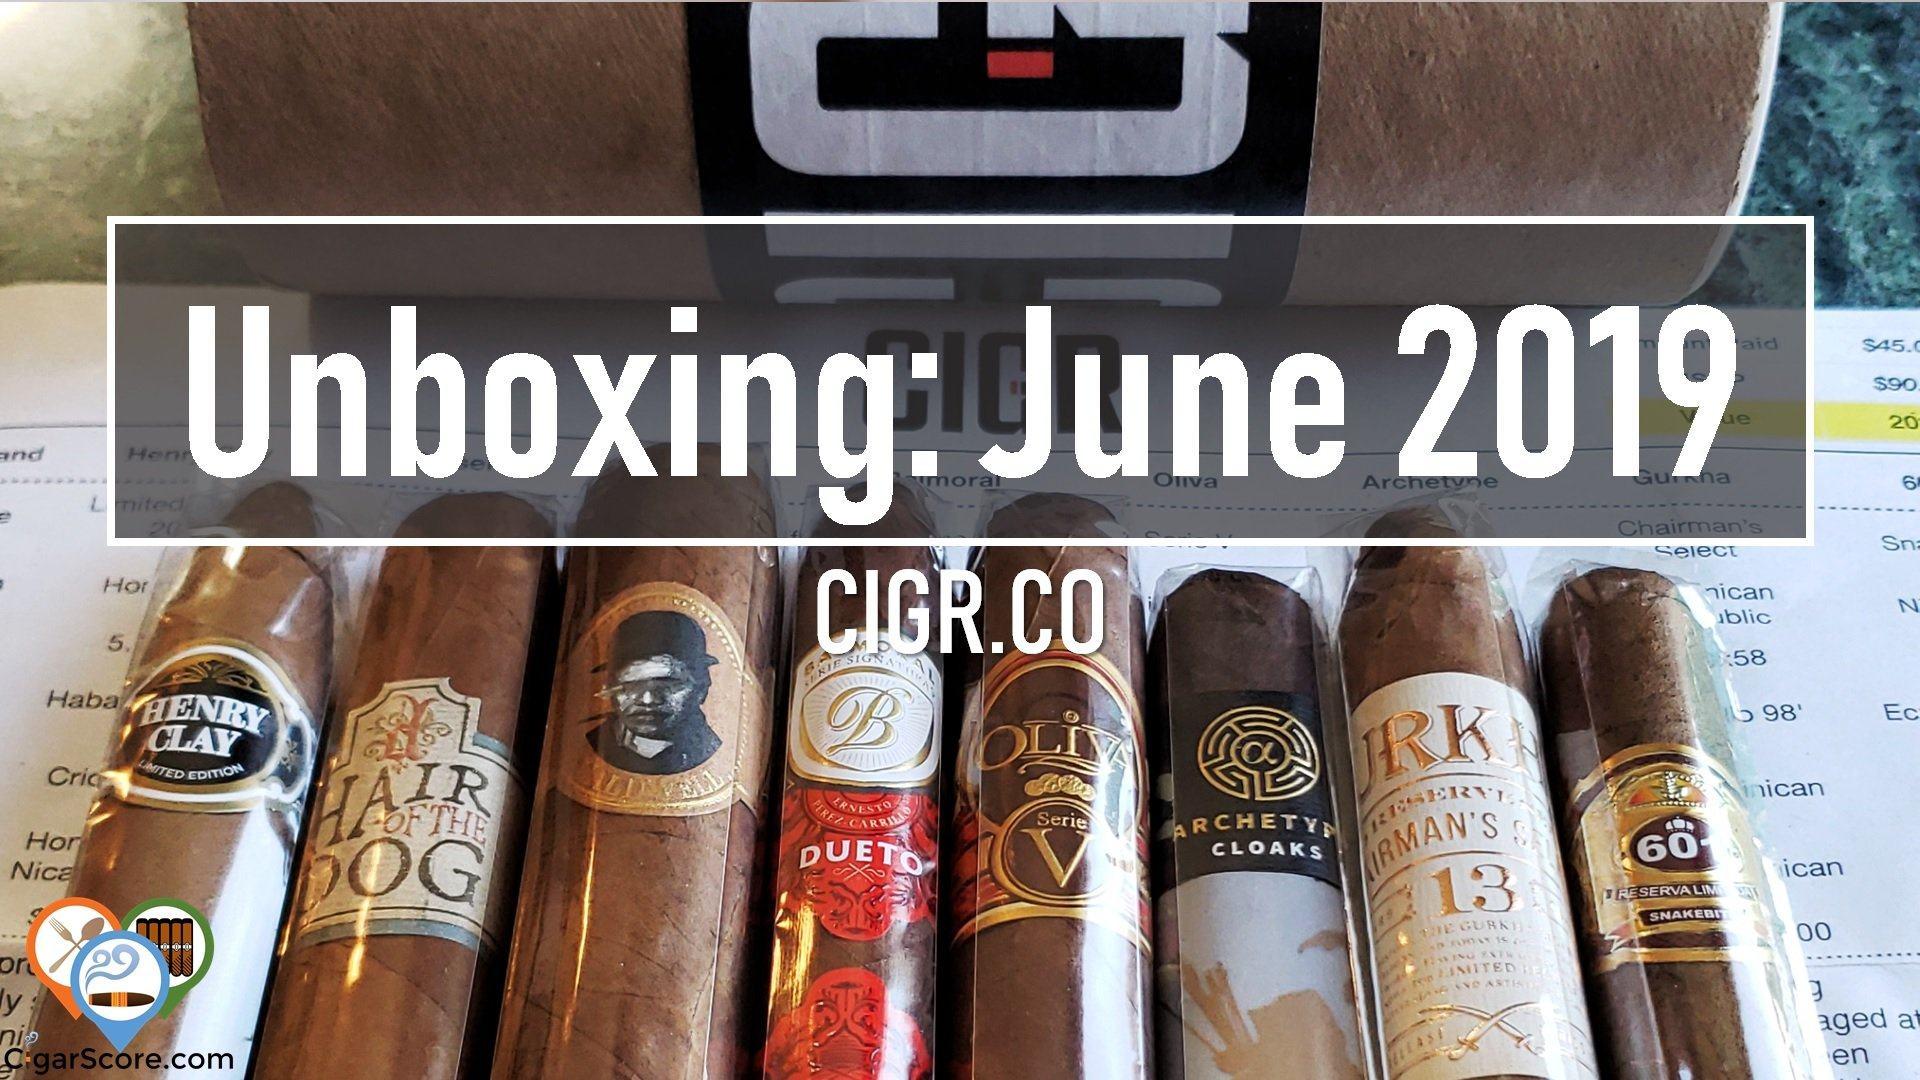 UNBOXING - CIGR.CO JUNE 2019 - Est. Value @ $88.28